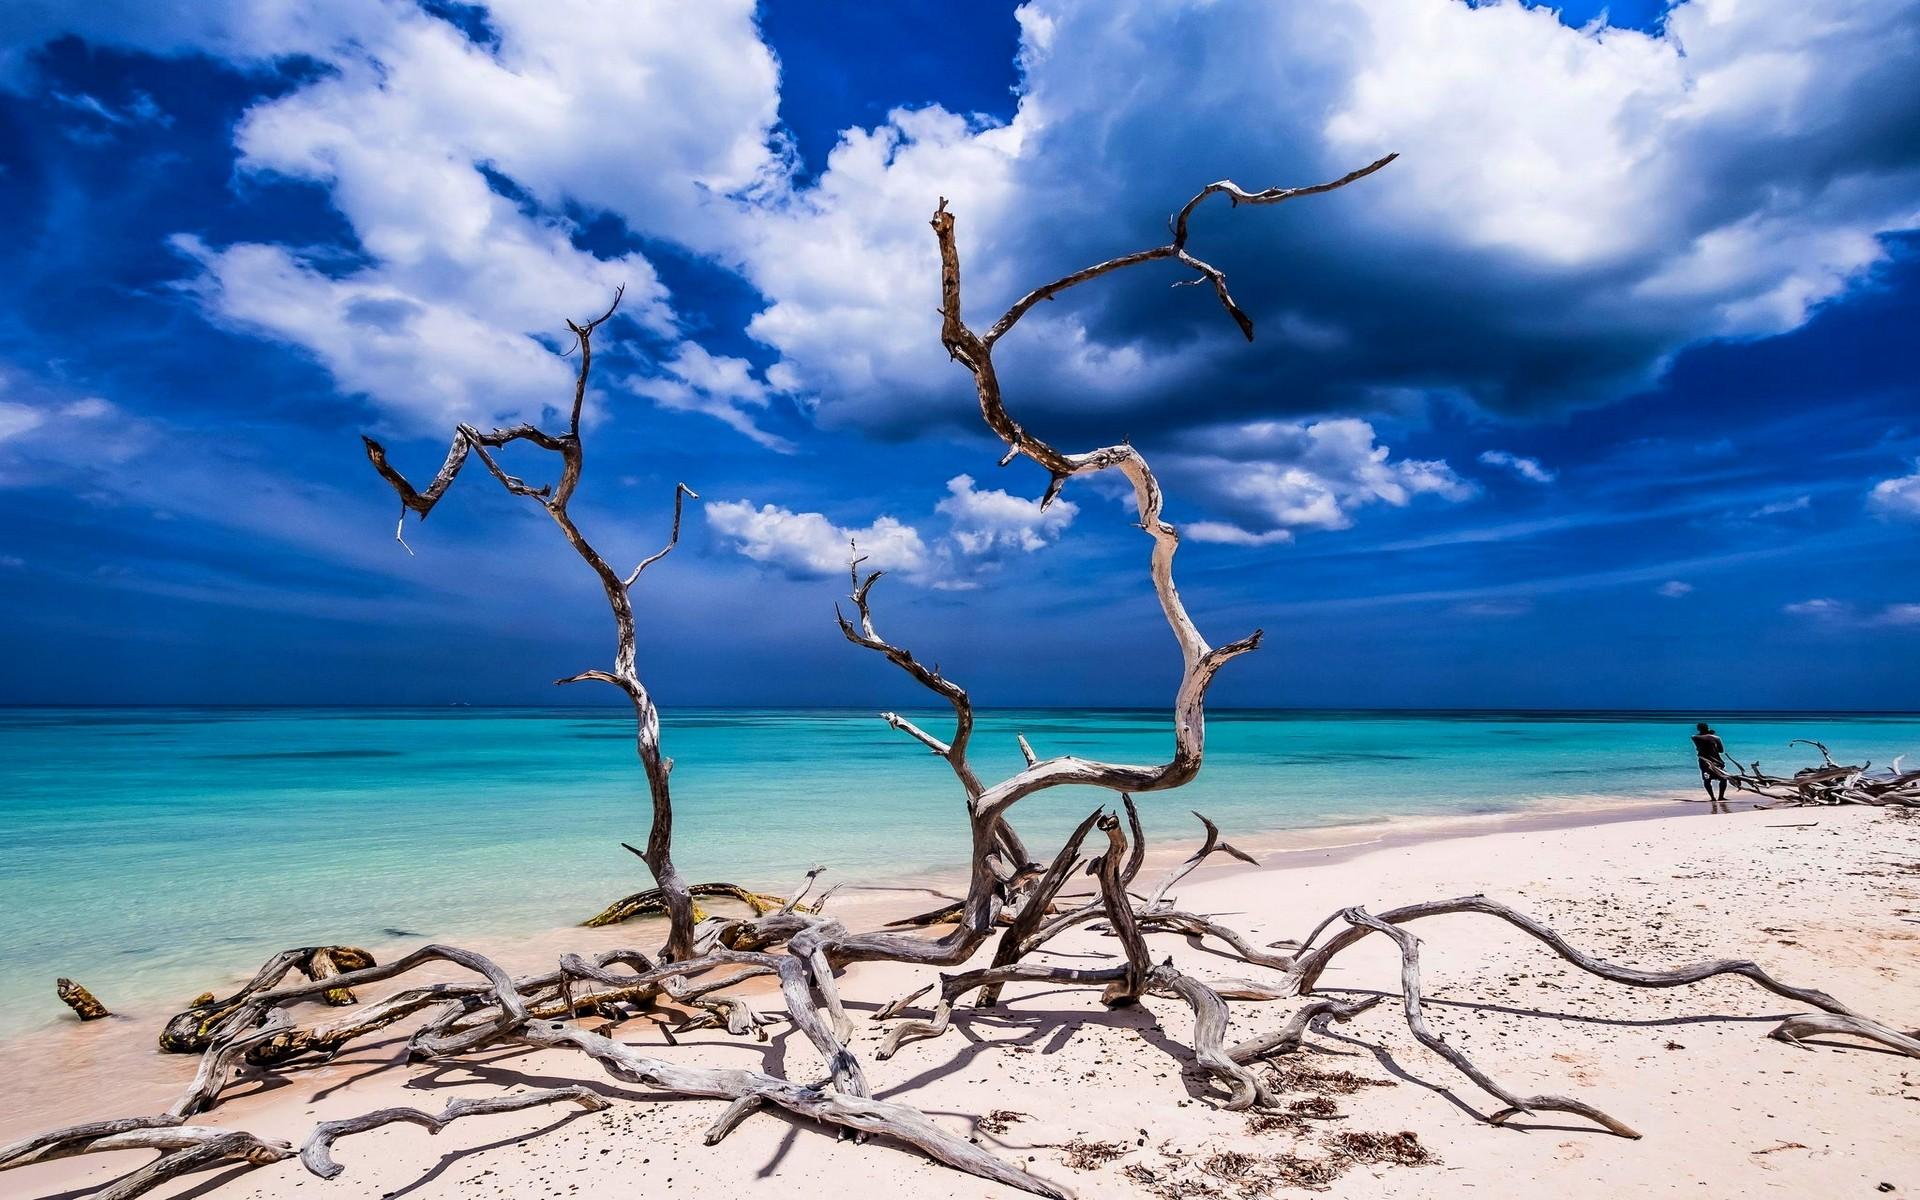 Море вода деревья облака  № 1034923 бесплатно